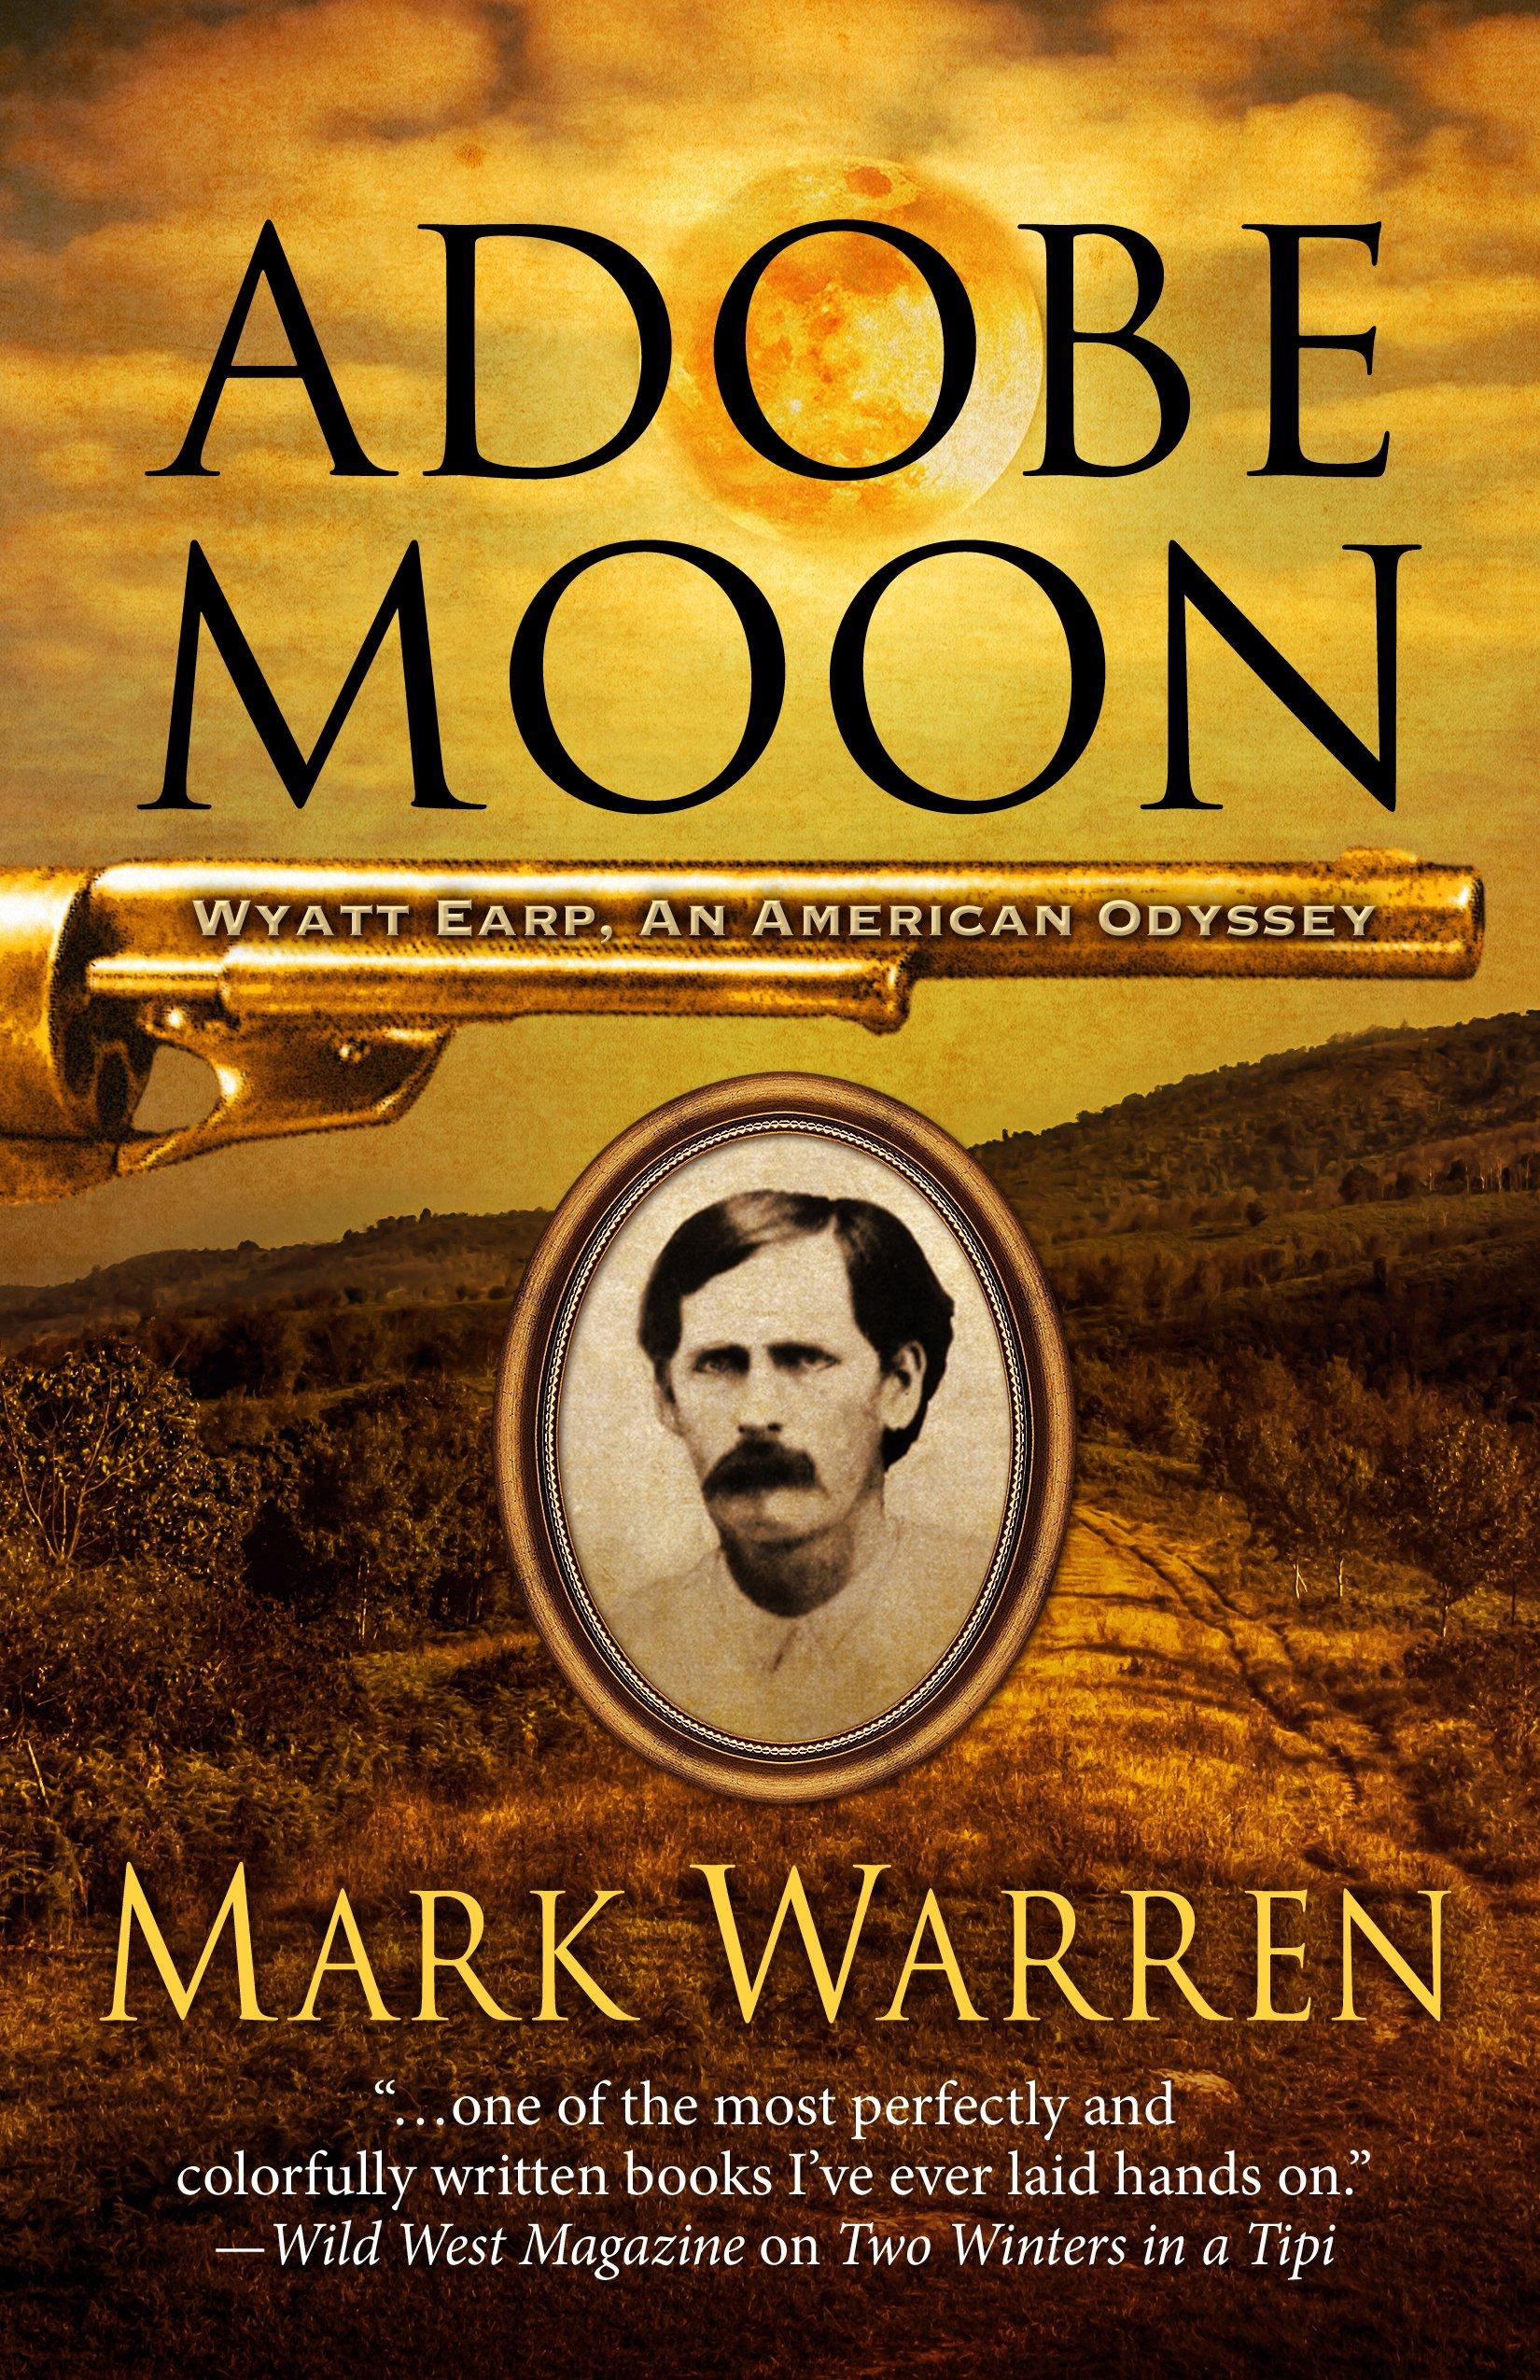 Read Online Adobe Moon (Wyatt Earp: An American Odyssey) PDF